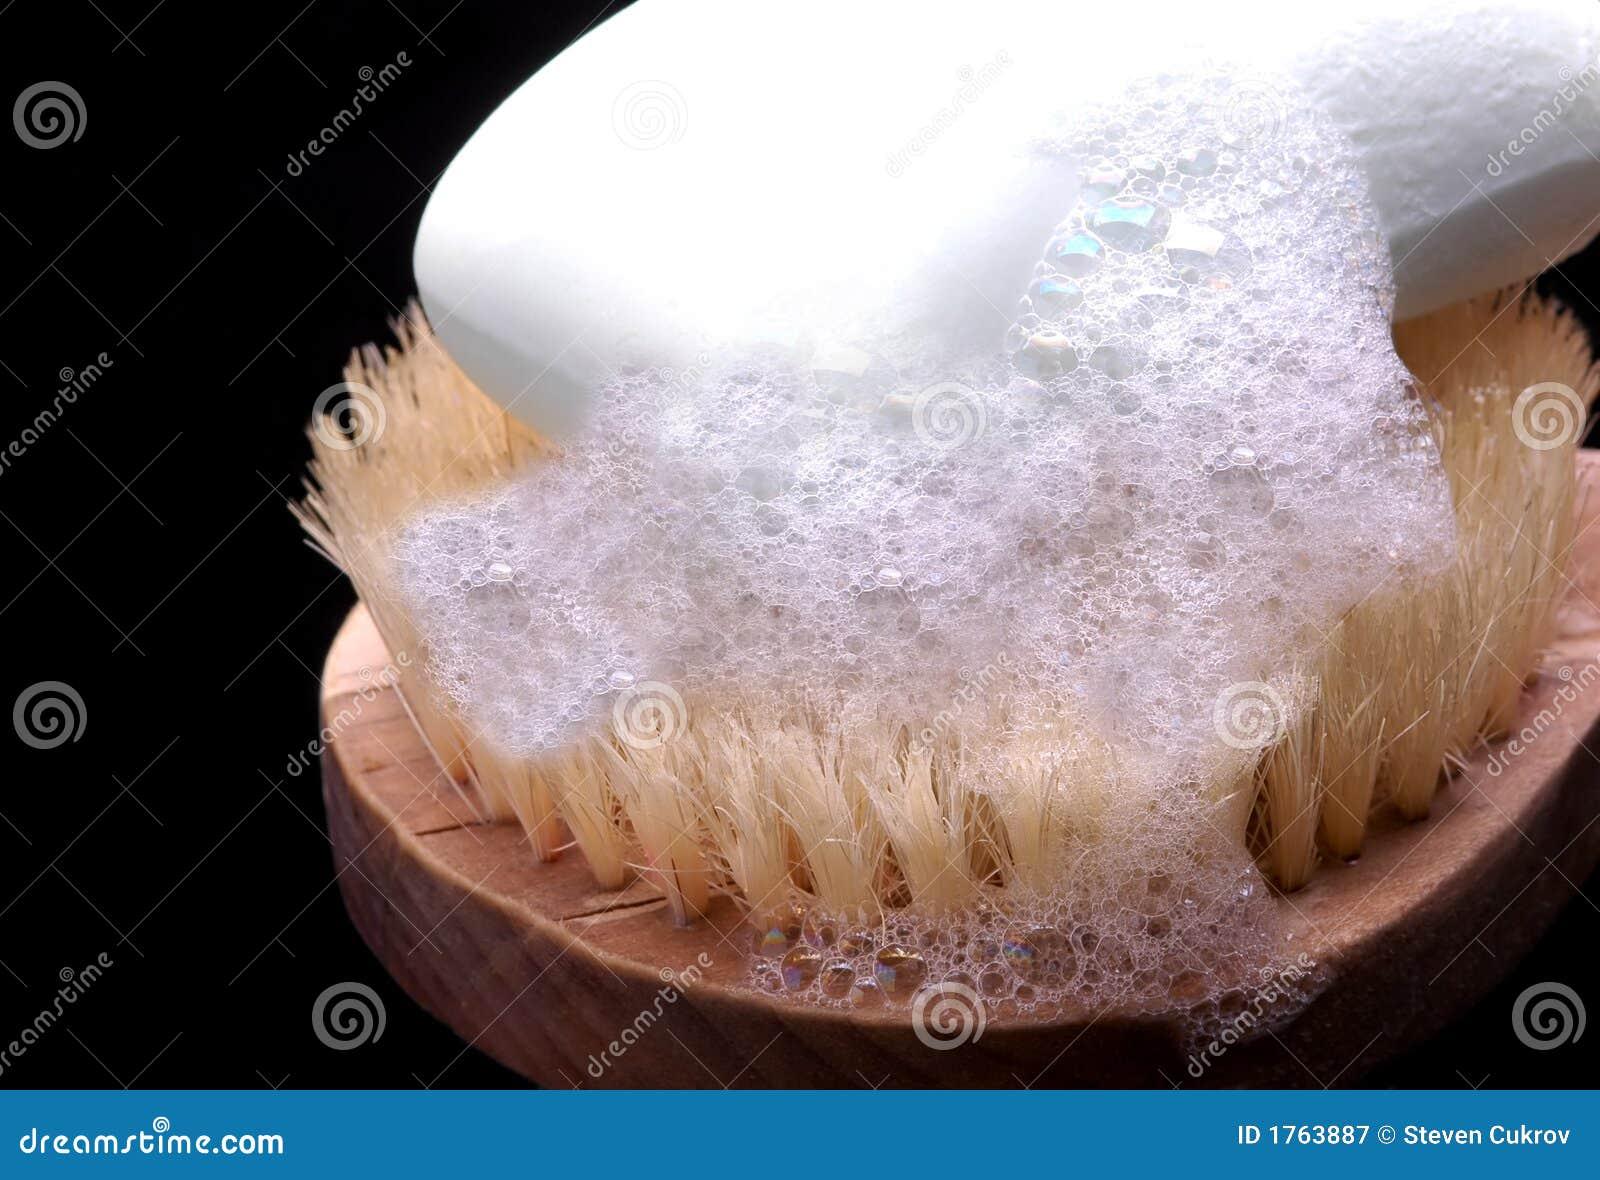 053666759b Soap on a scrub brush stock image. Image of bathe